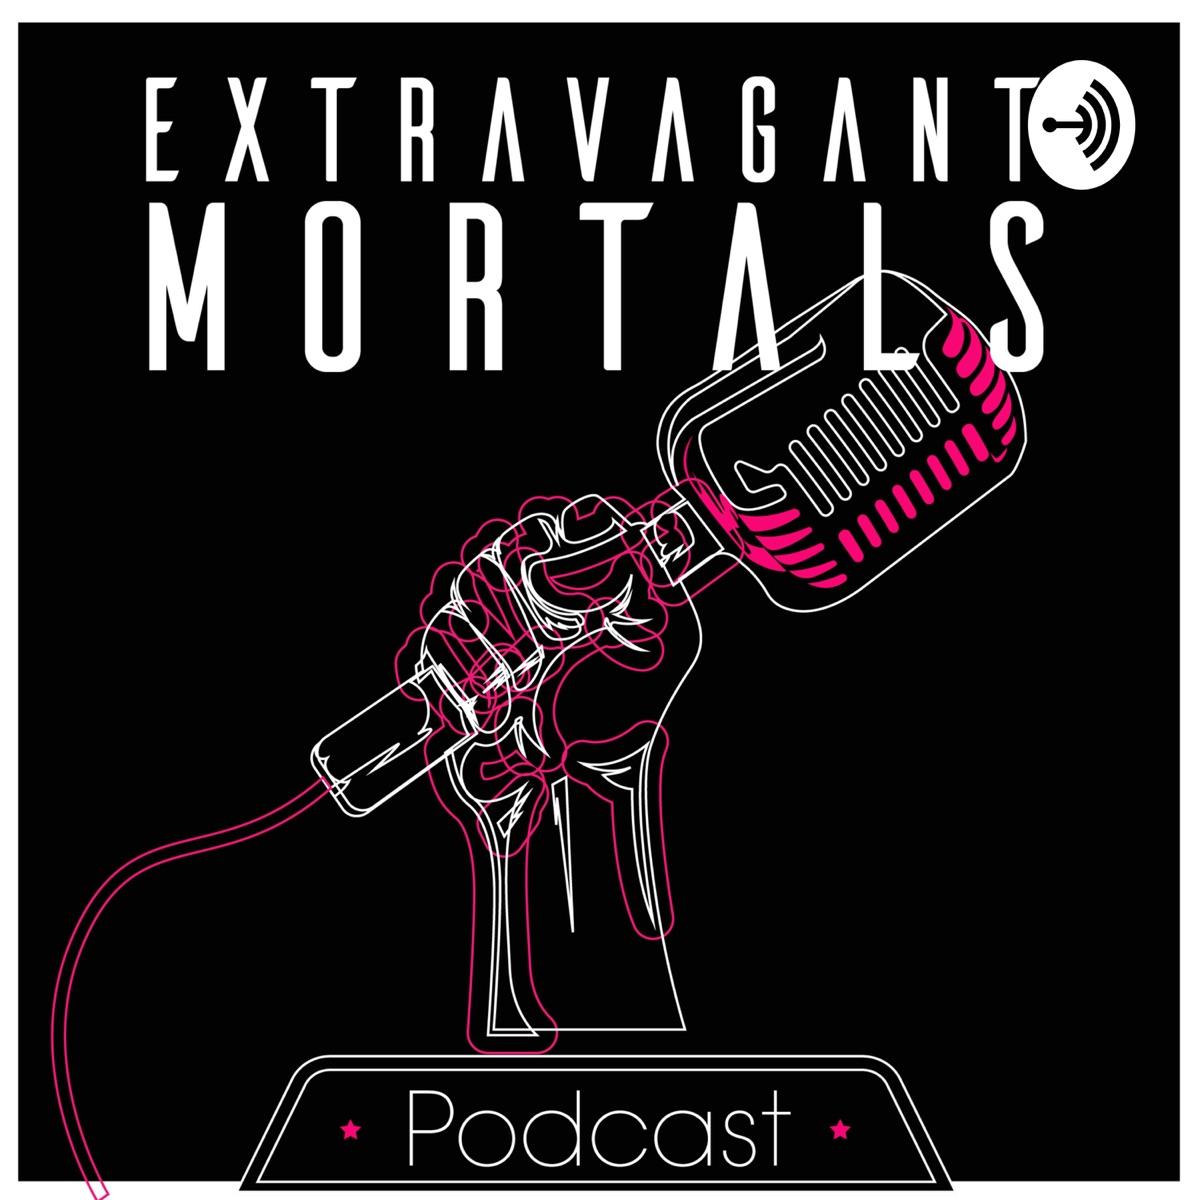 EXTRAVAGANT MORTALS Podcast